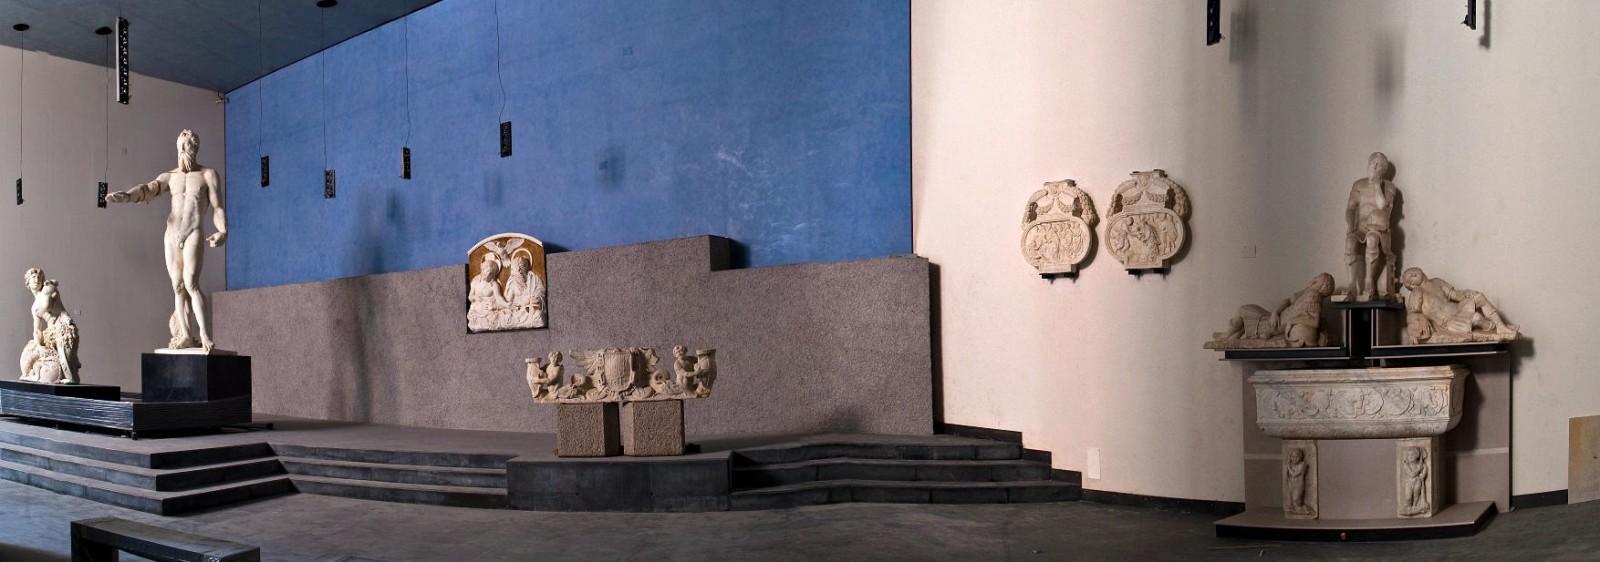 Apertura del Nuovo Museo Regionale di Messina